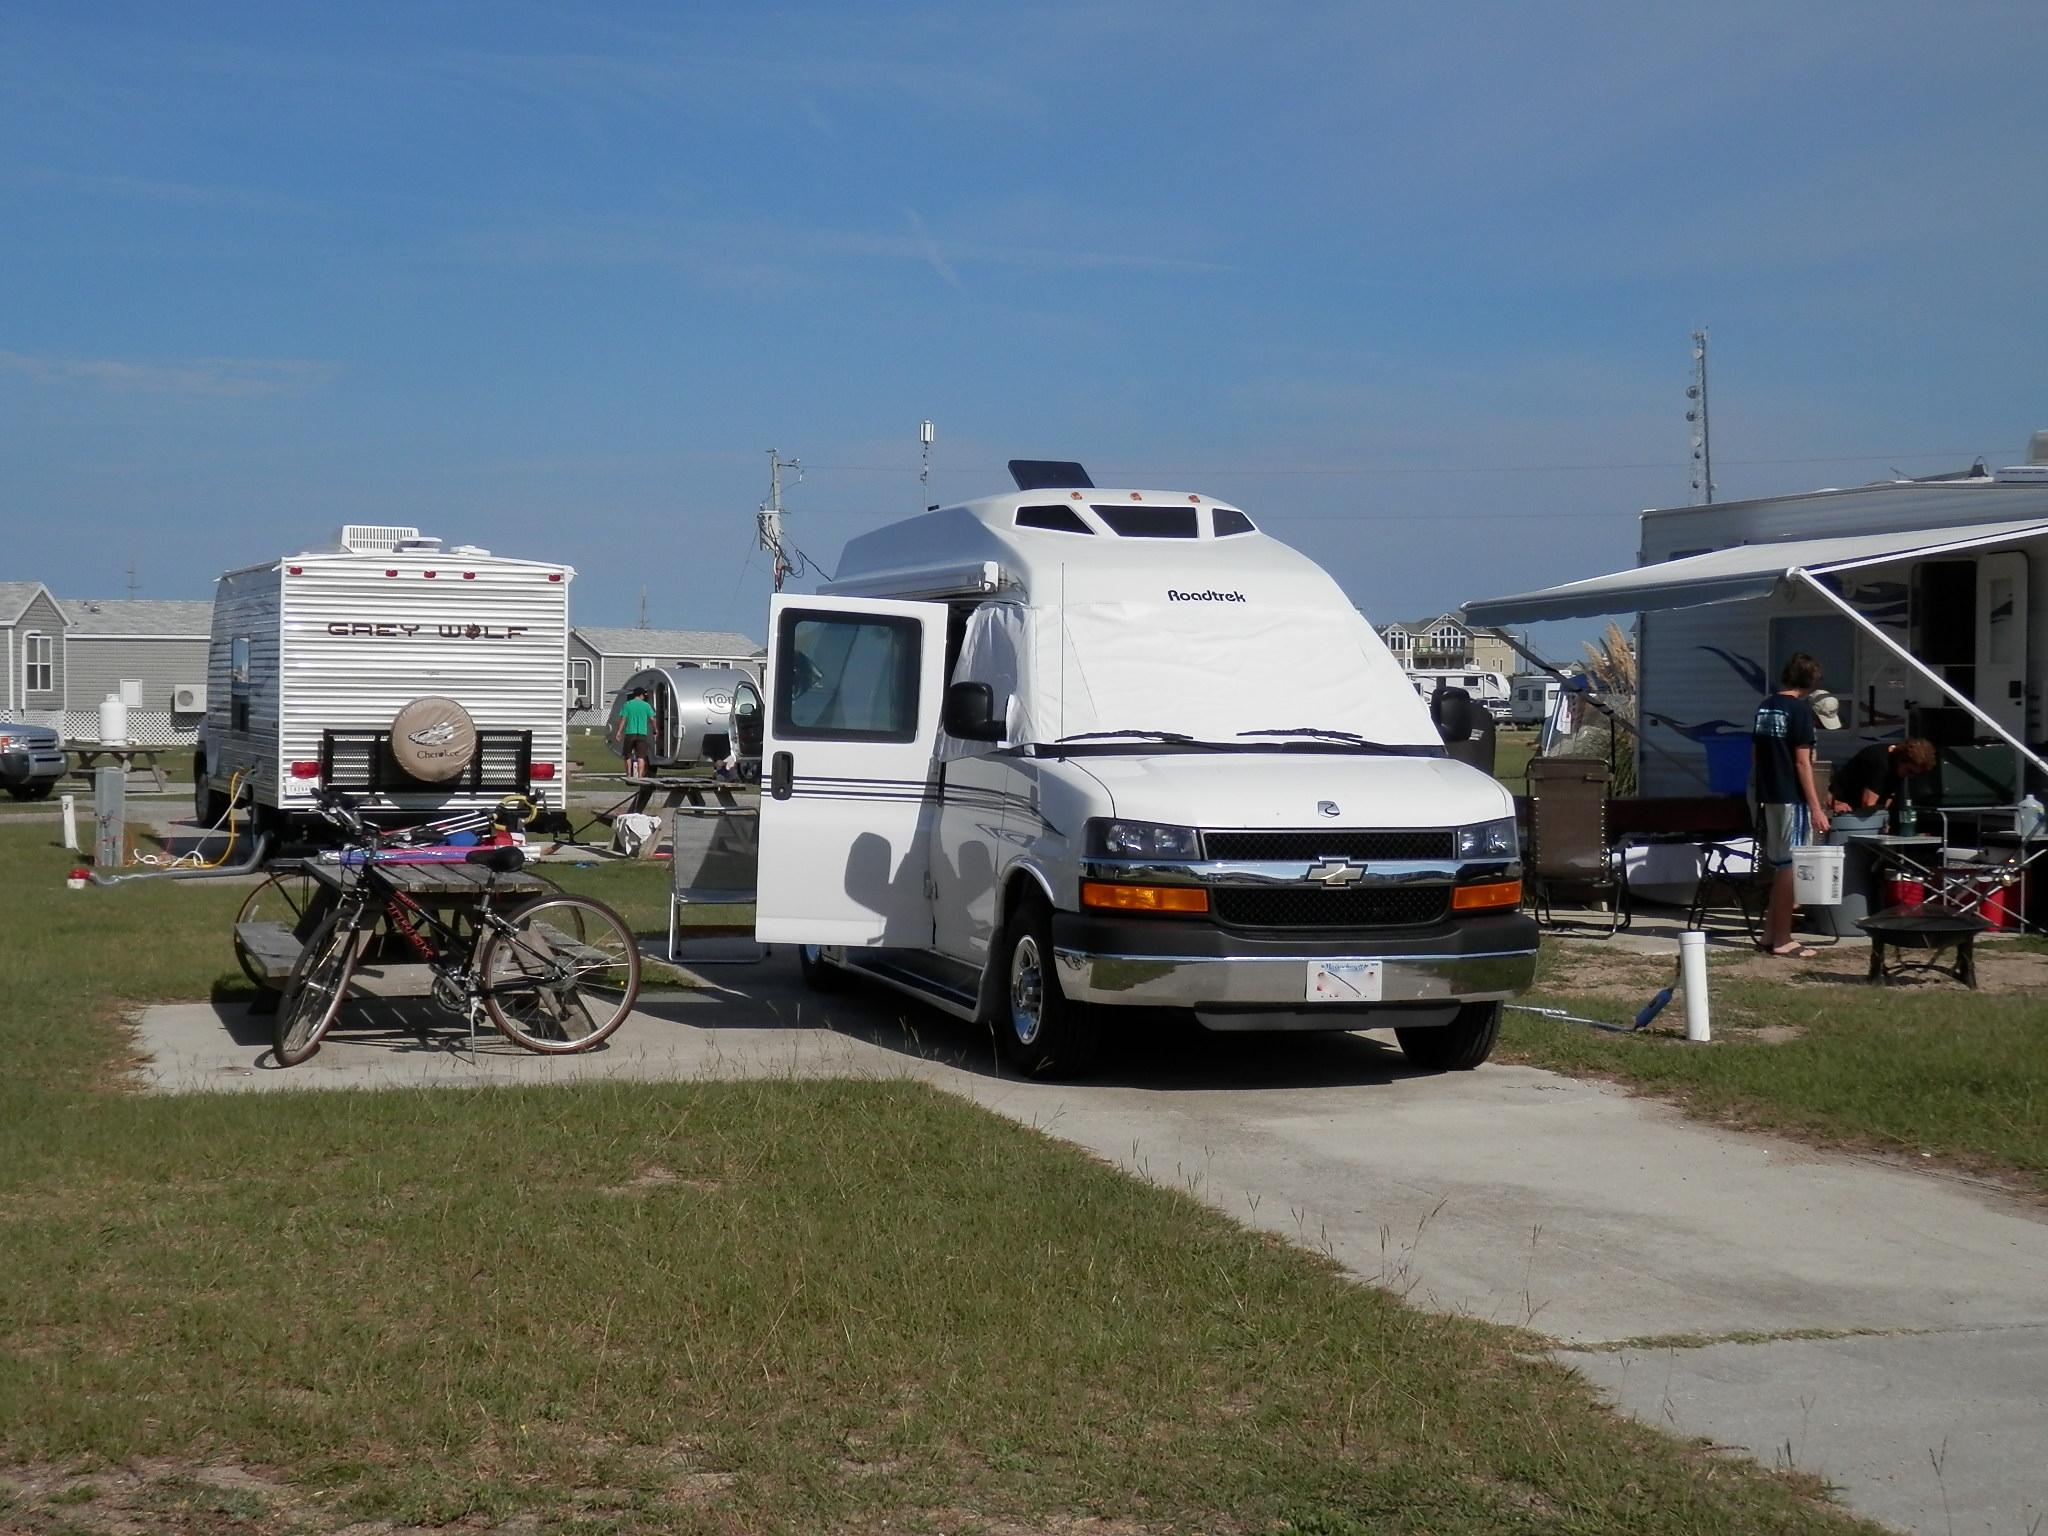 Camp Hatteras Rv Resort Campground